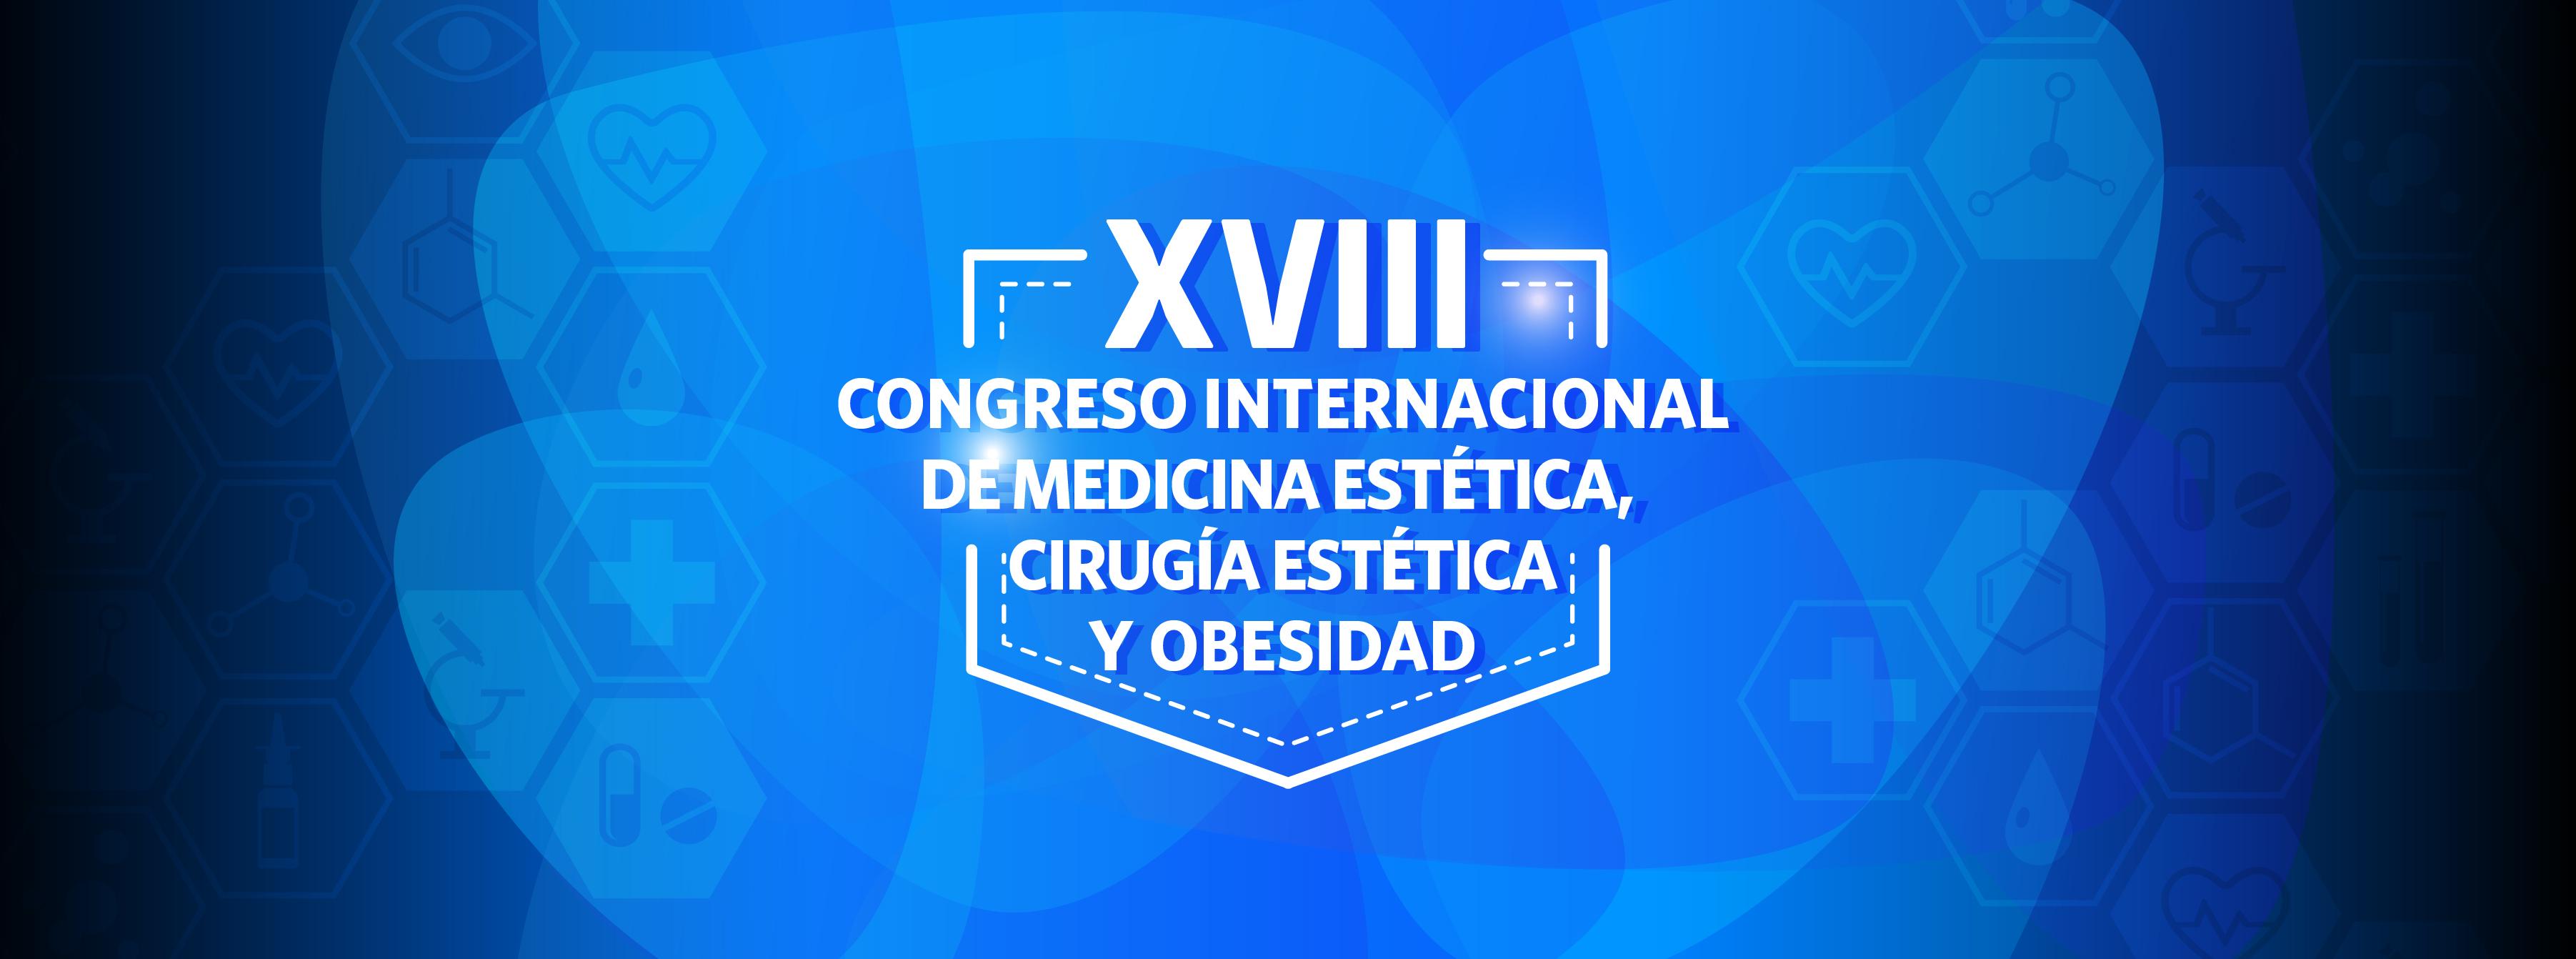 XVIII CONGRESO INTERNACIONAL DE MEDICINA ESTÉTICA, CIRUGÍA ESTÉTICA Y OBESIDAD